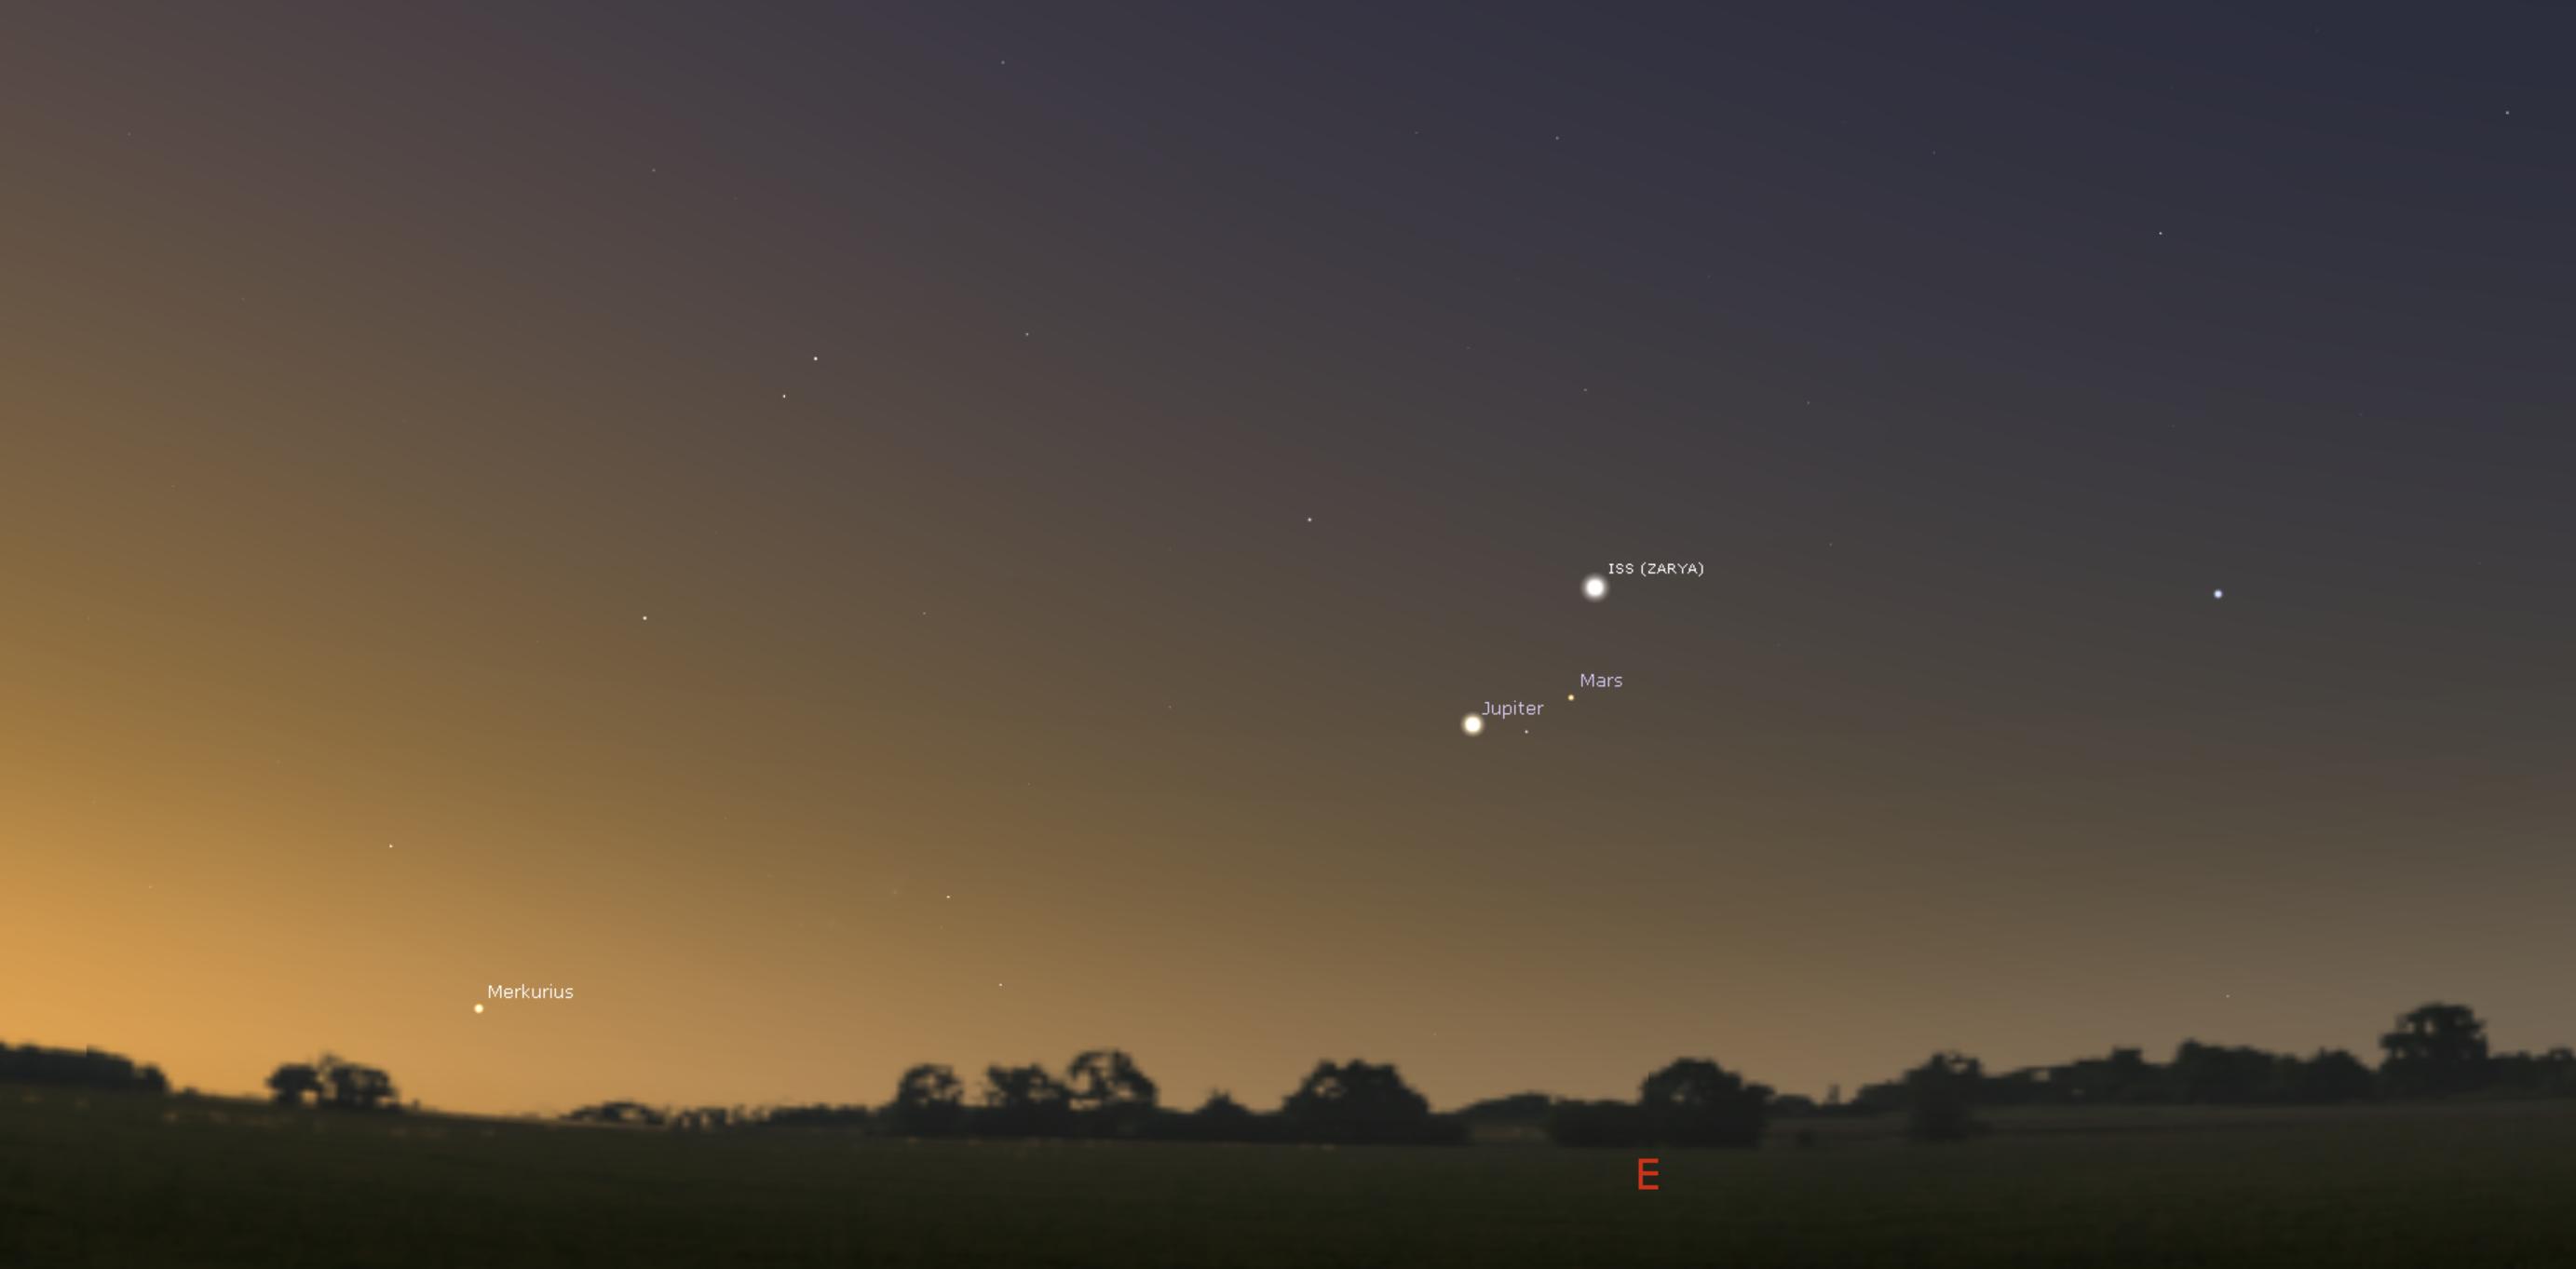 Avaruusasema kohtaa Jupiterin ja Marsin 31.12. aamulla kello 8.17. /Kuva: Stellarium)